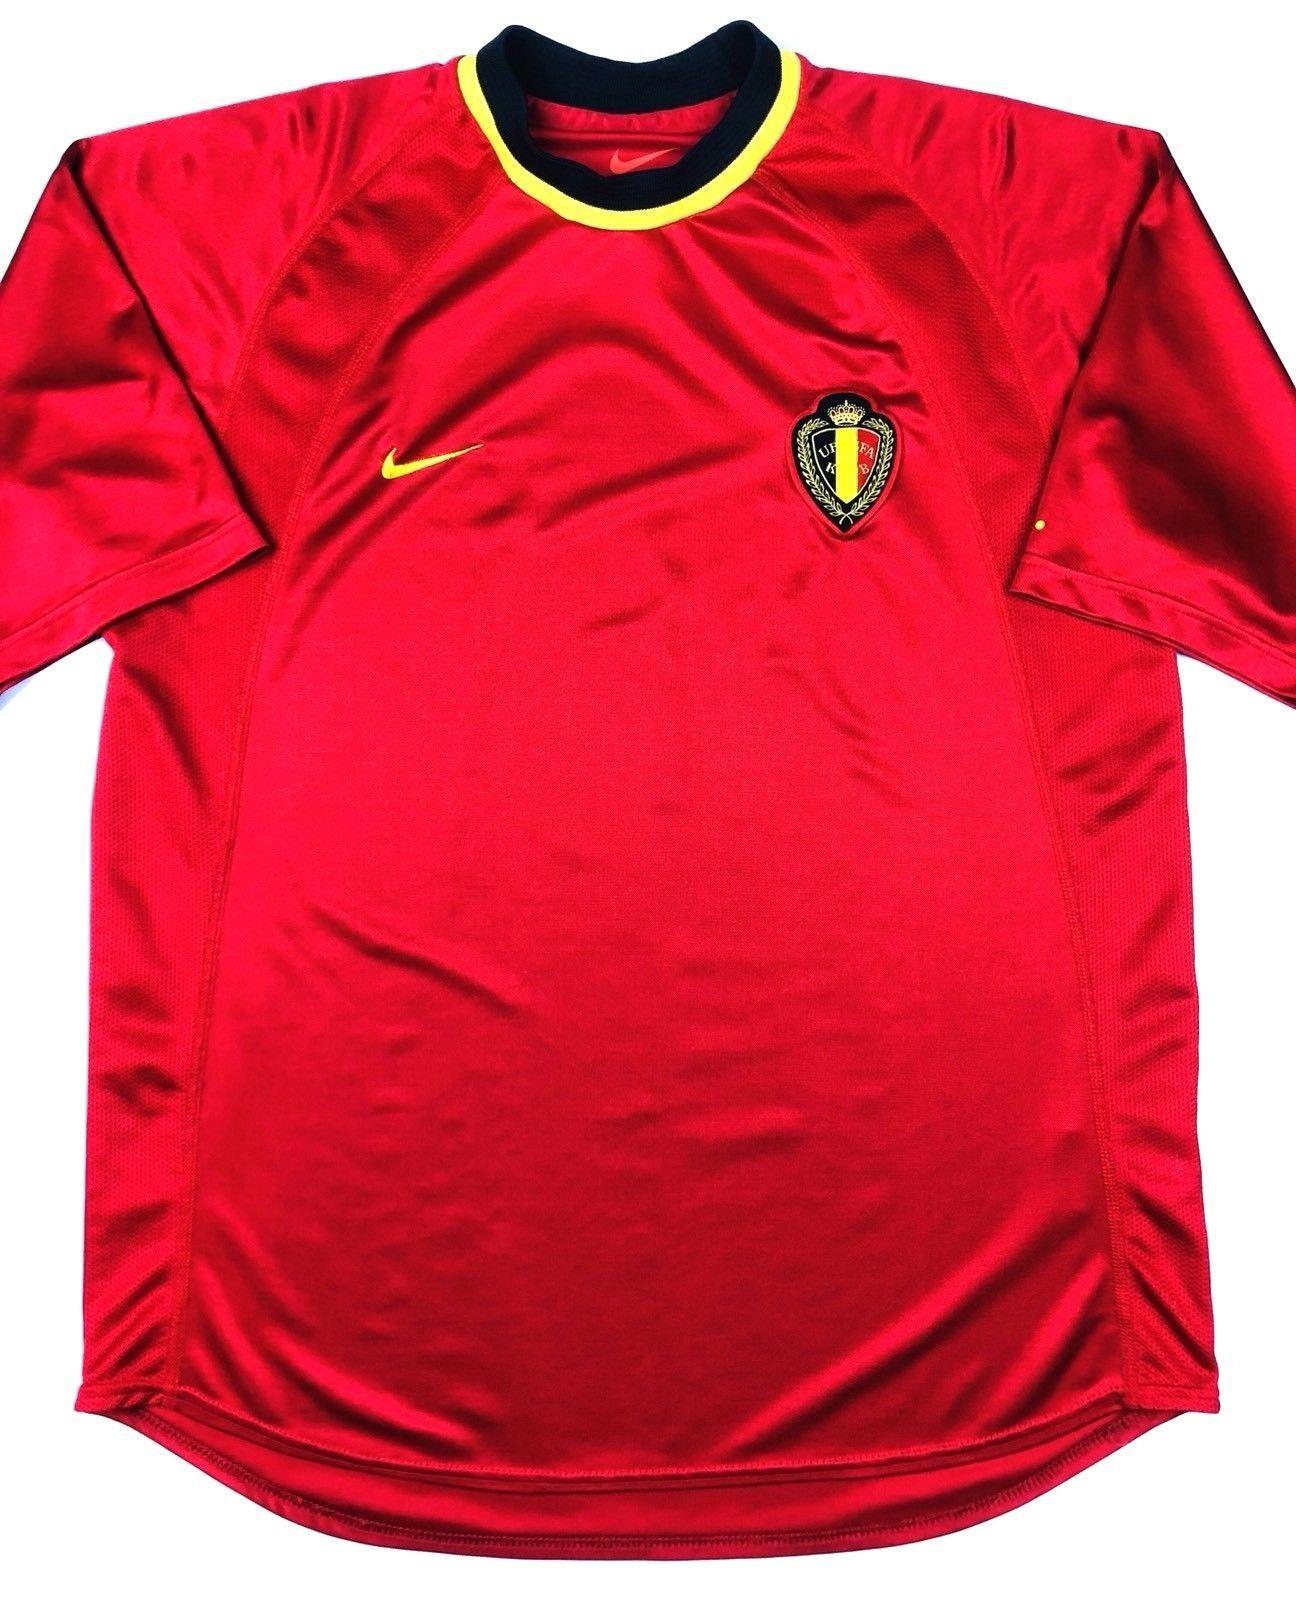 a296298b8 Nike BELGIUM Euro 2000 M Home Soccer Jersey Football Shirt KBVB URBSFA  Belgique (eBay Link)